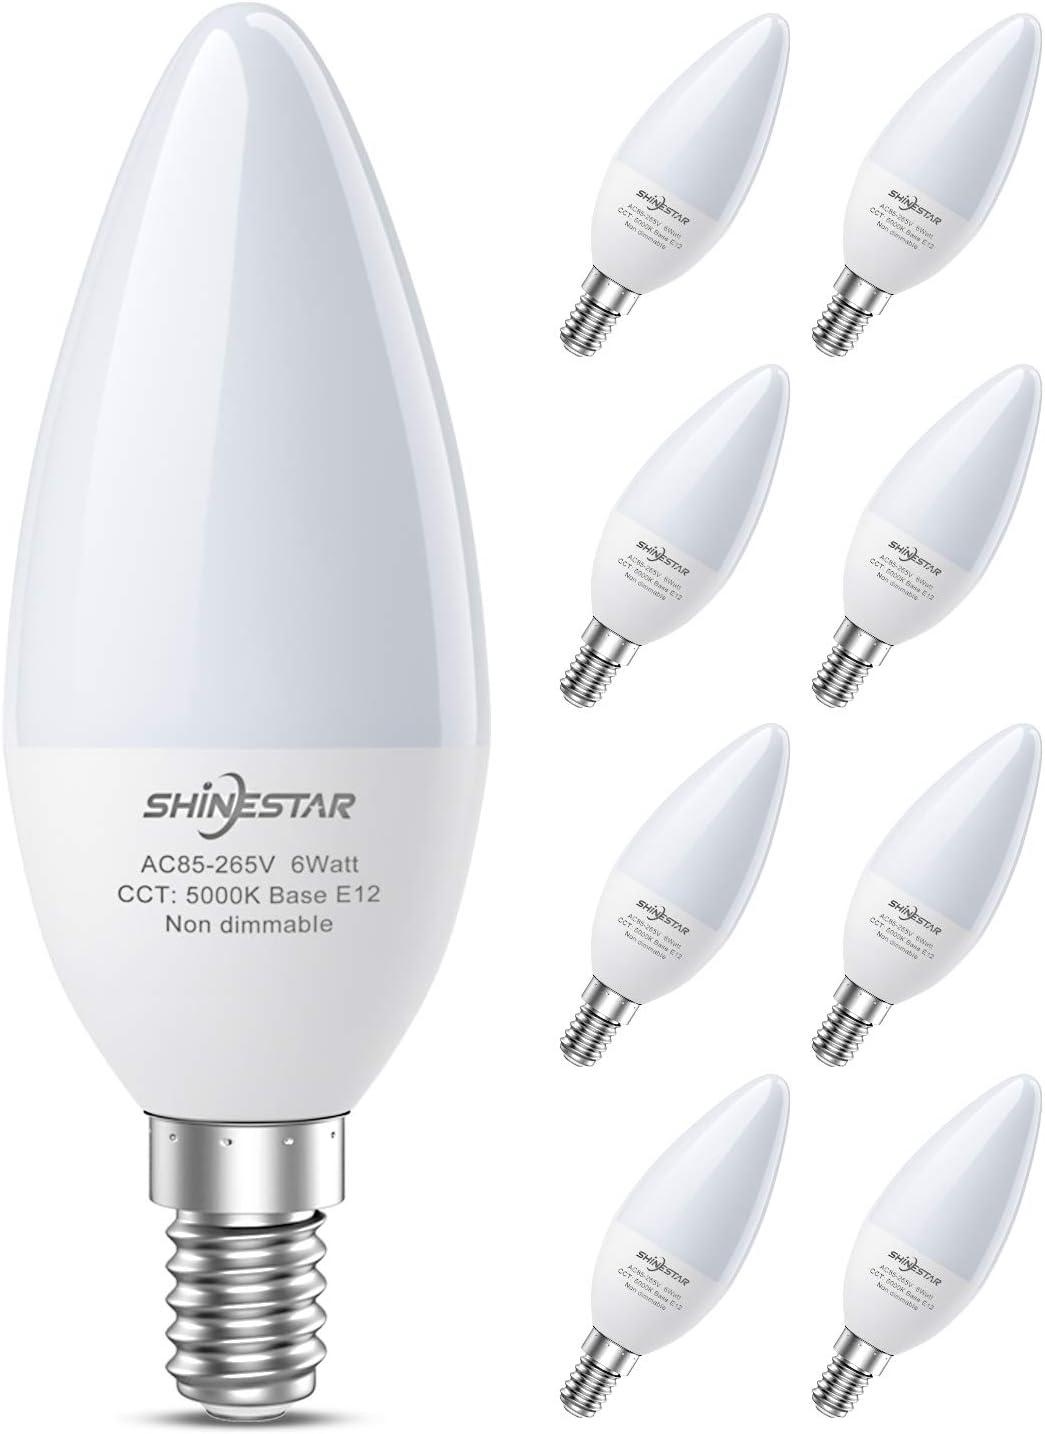 8-Pack E12 LED Bulbs for Ceiling Fan, 60W Equivalent Daylight Candelabra Base Light Bulb 5000K for Chandelier, Type B Bulb, Non-dimmable